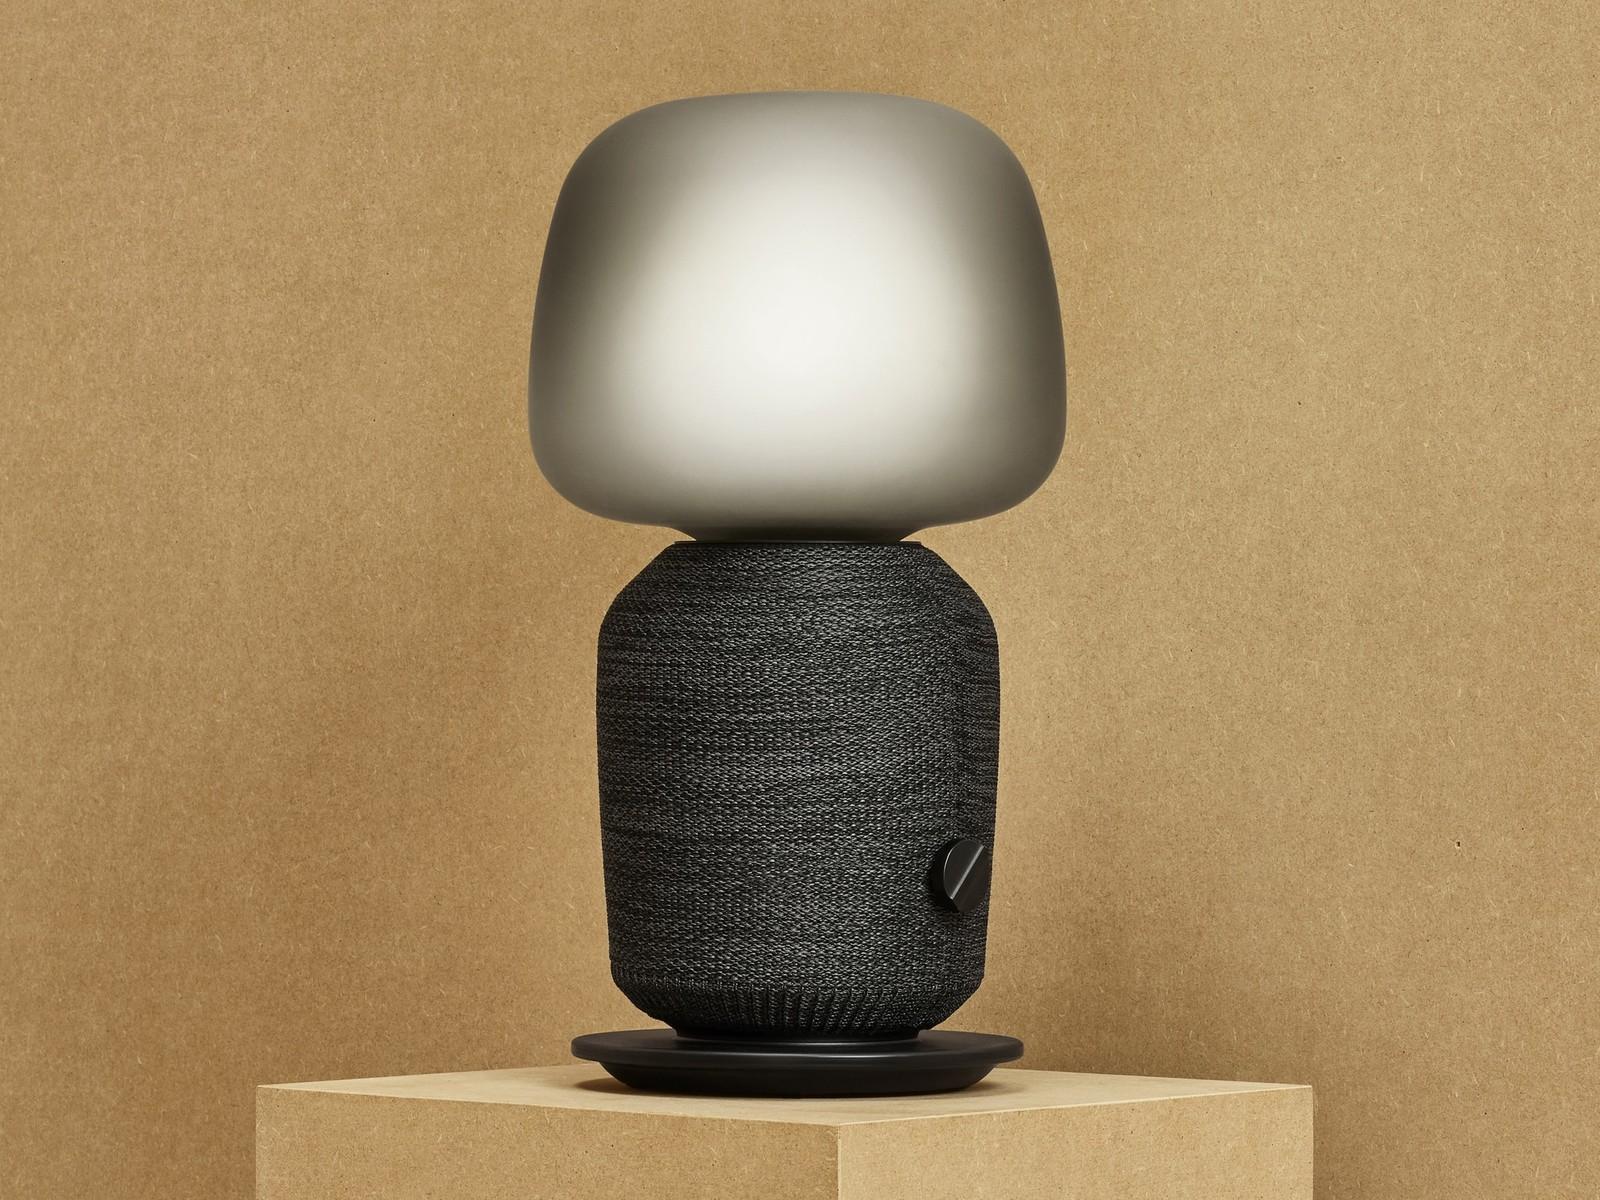 Firmy Sonos a Ikea se spojily a vytvořily lampu, která zároveň slouží jako reproduktor